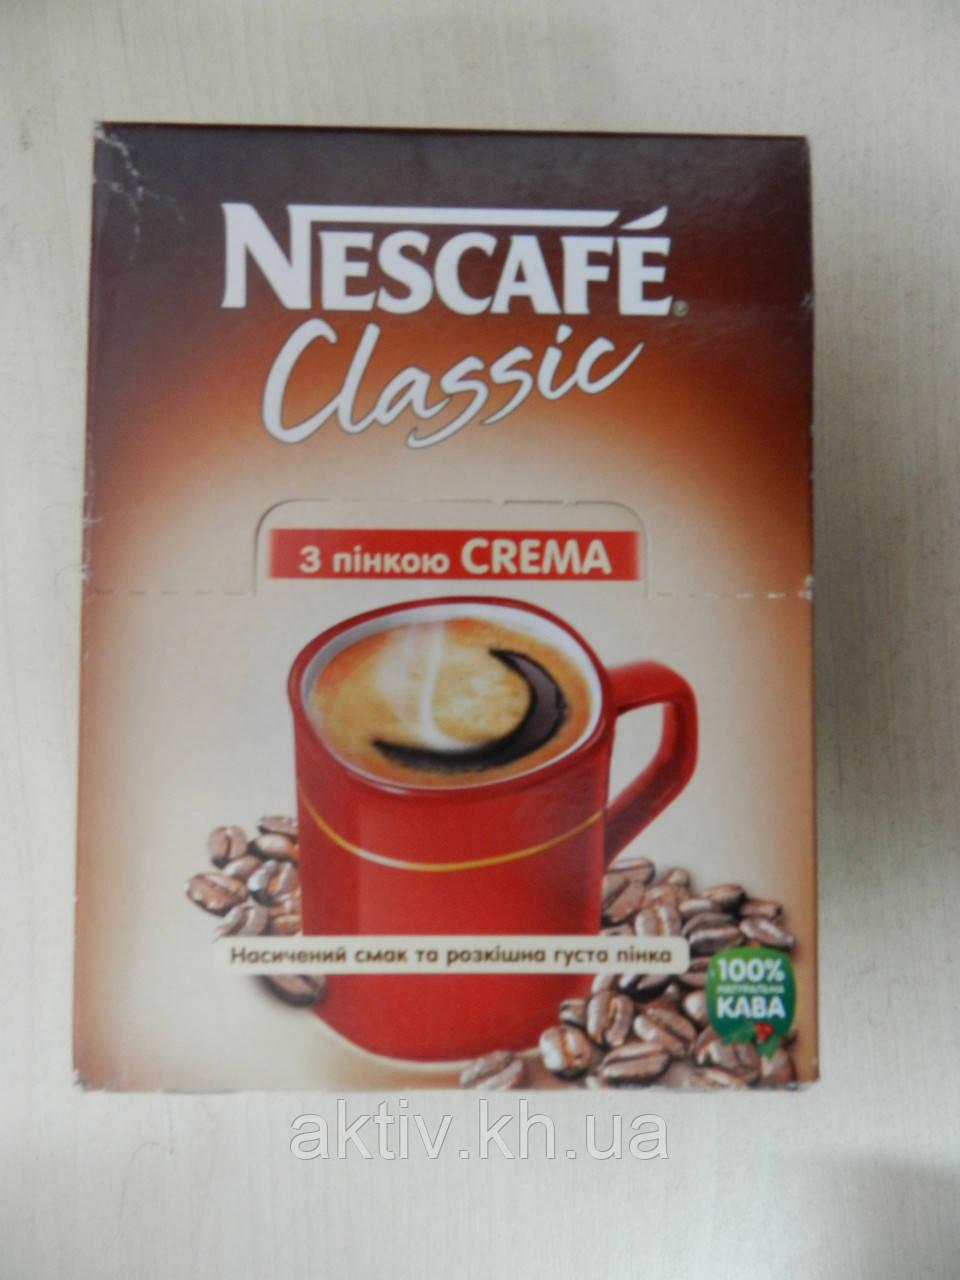 Кава Нескафе крему